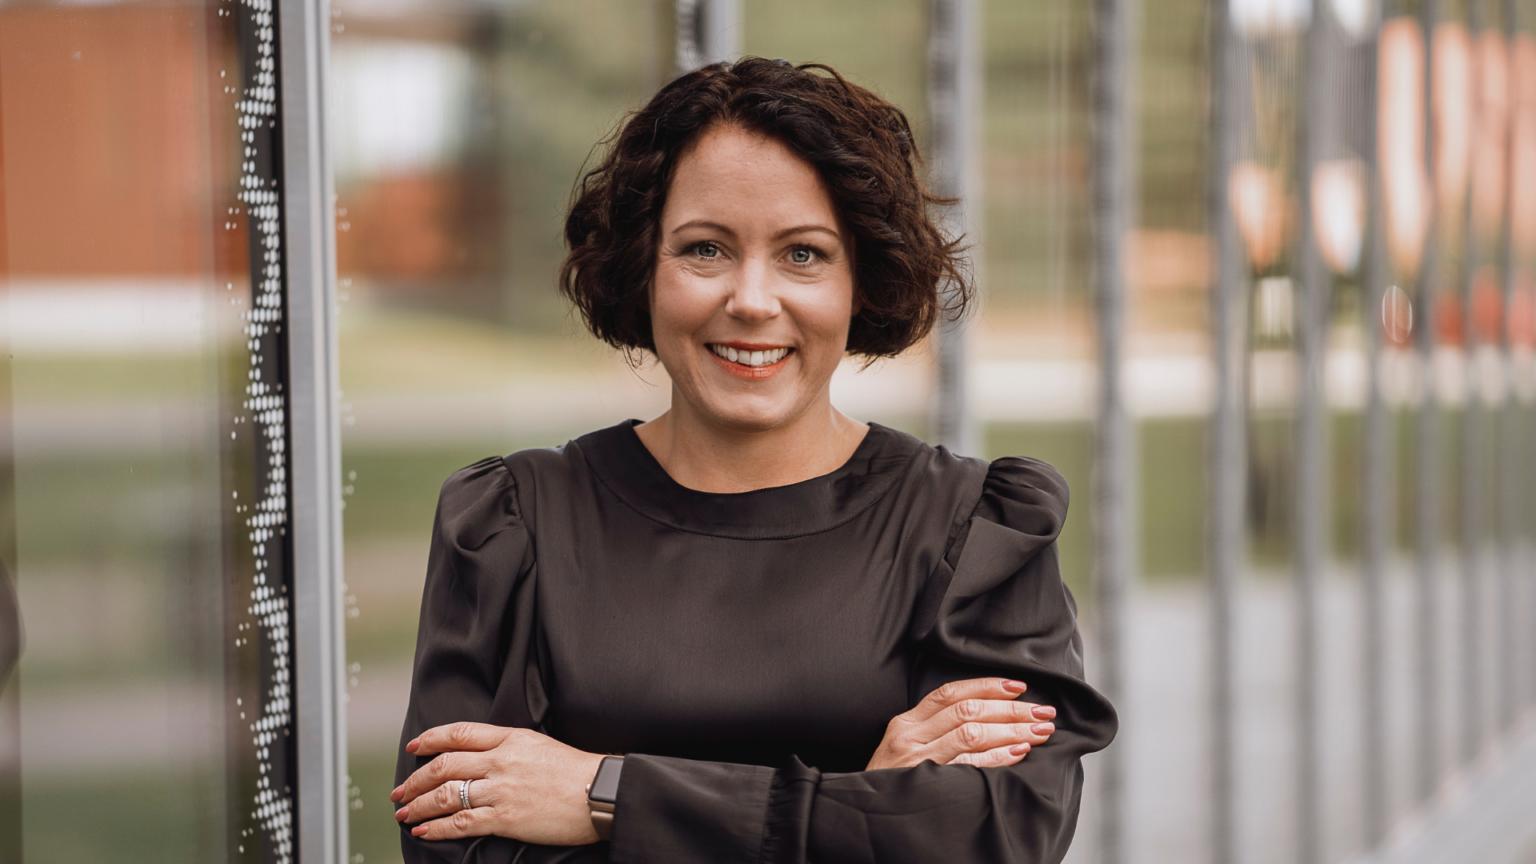 Denise Johansson Finnish woman entrepreneur business Enfuce CEO